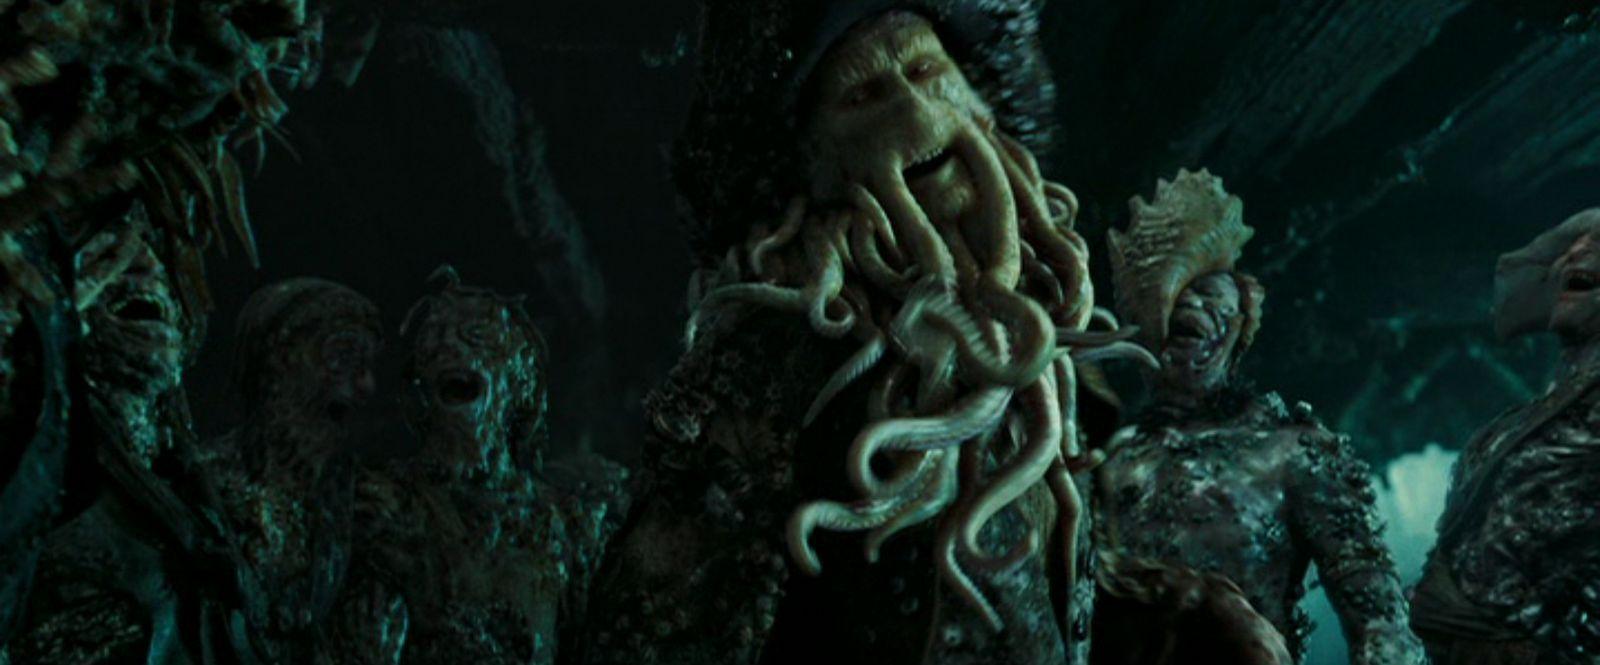 ¿De quién era la espada con la que Davy Jones le atraviesa a Will y pone fin a su vida 'mortal' por así decir?